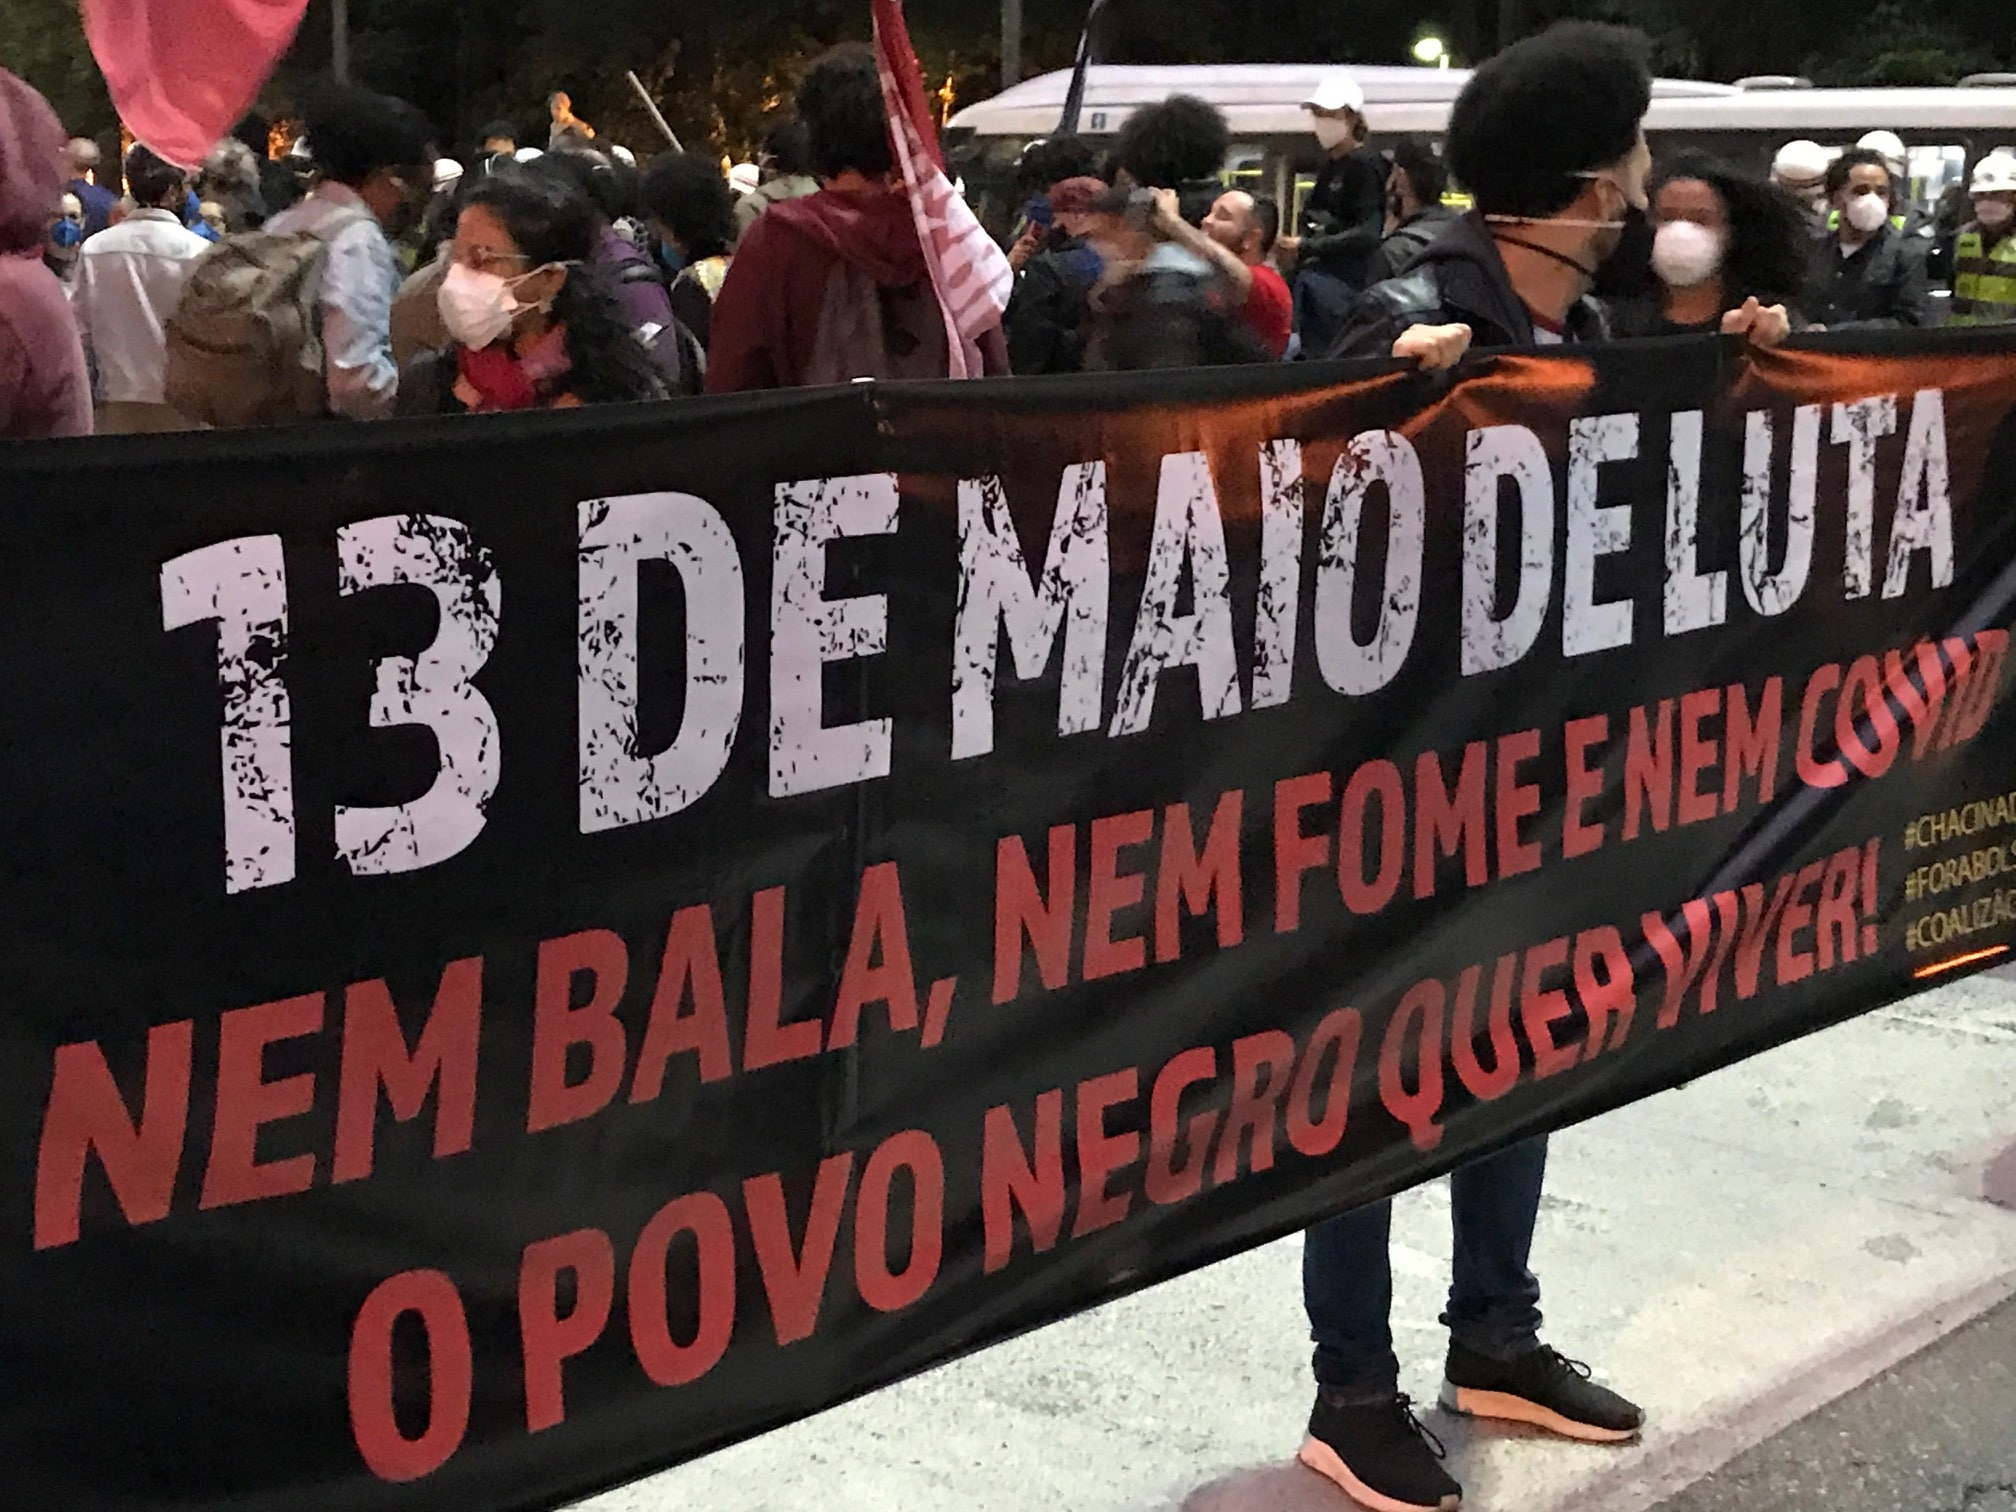 Pessoas seguram uma faixa, onde se lê: 13 de maio de luta. Nem bala, nem fome e nem covid. O povo negro quer viver.